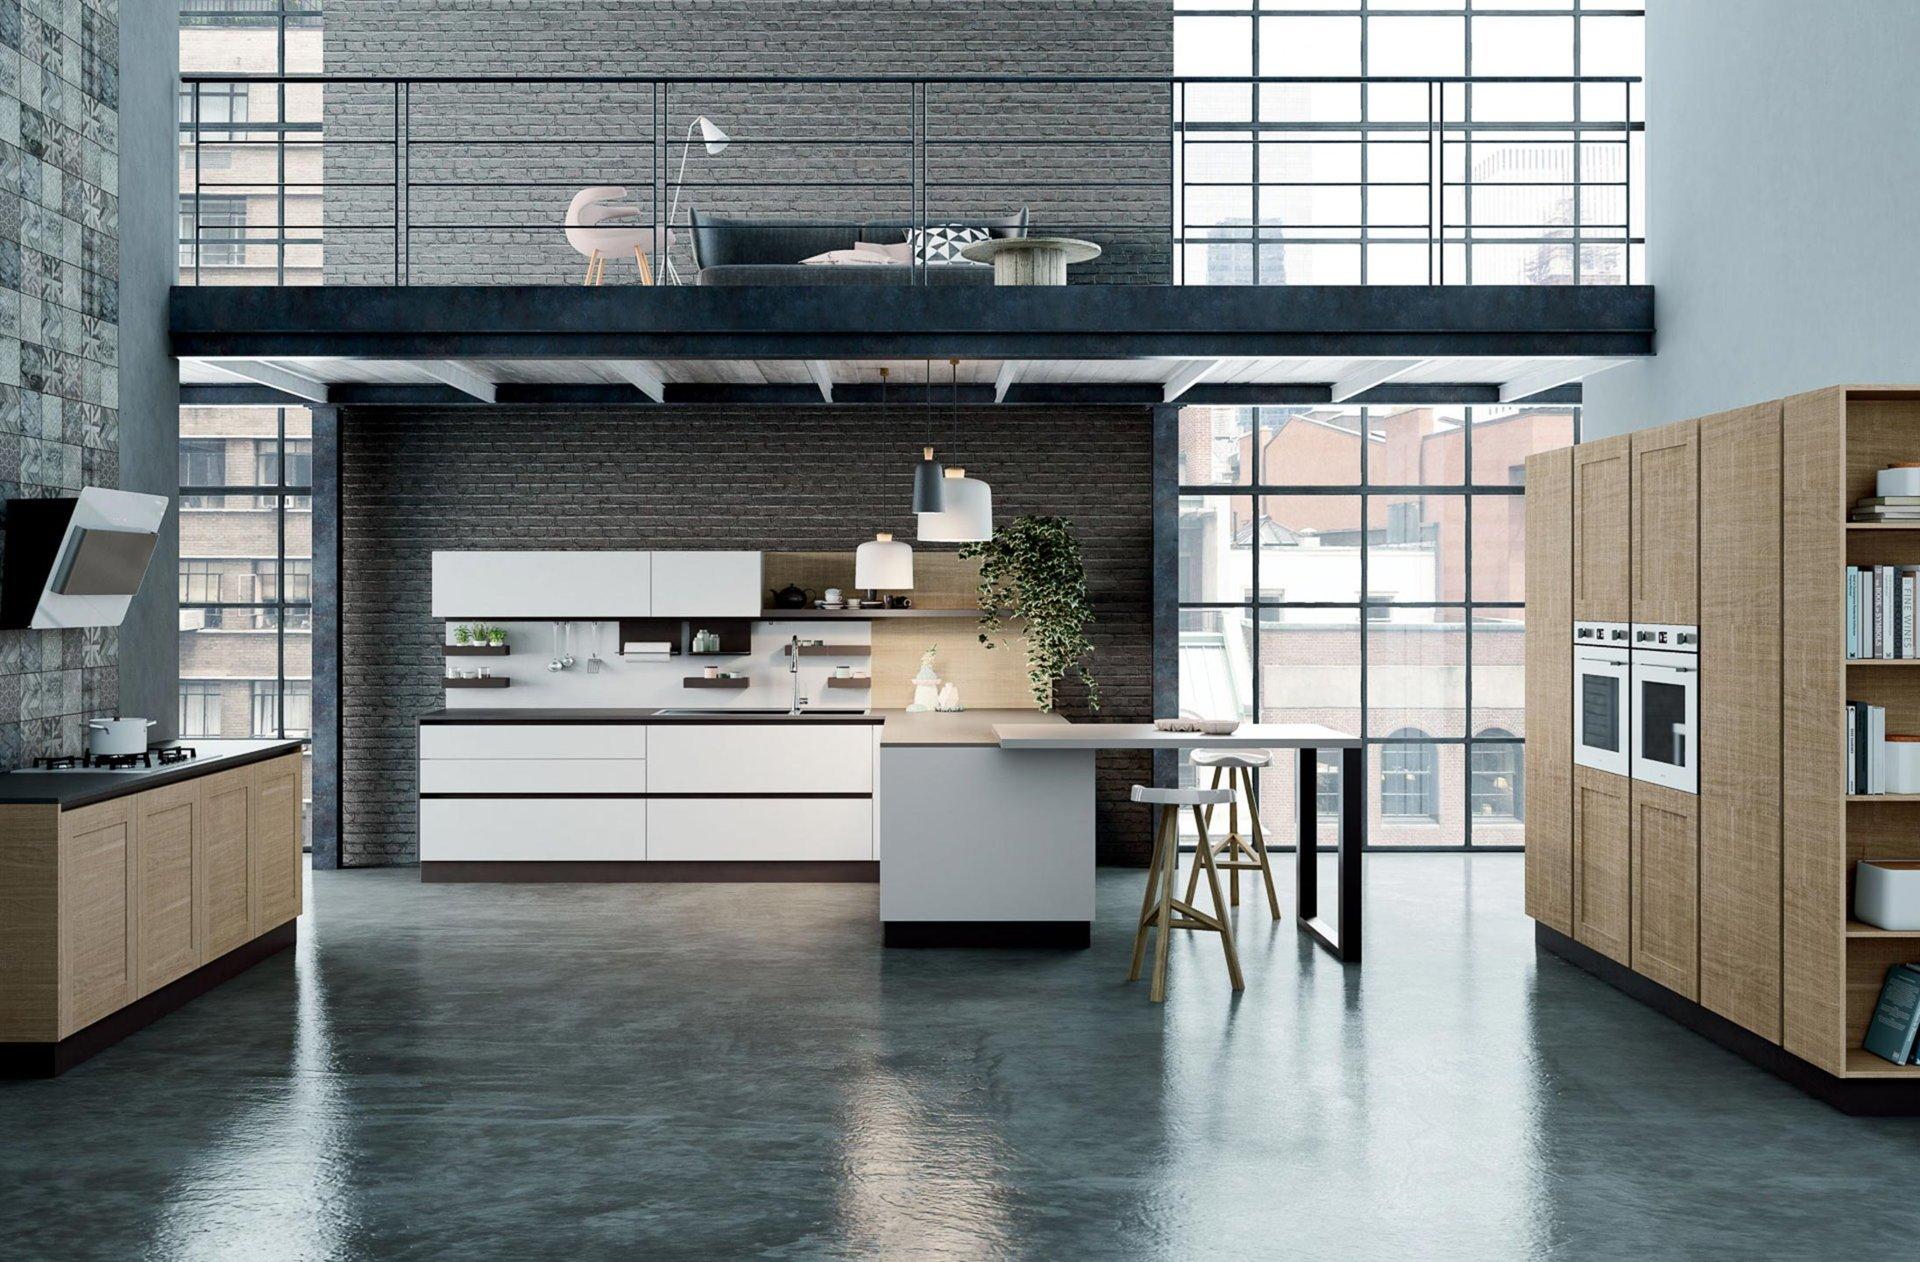 Cucine design arredamenti riuniti for Arredamenti riuniti calcinate opinioni